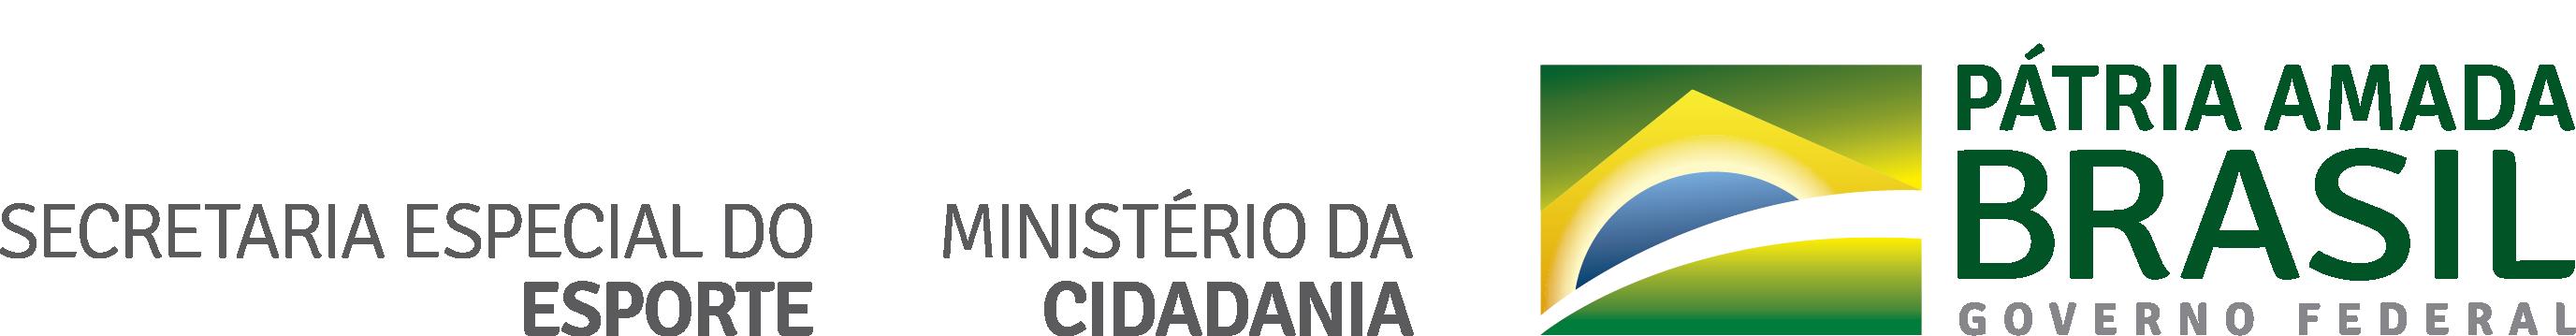 SEE_Ministério_da_Cidadania_Governo_Federal_ASSINATURAS_CONJUNTAS_PREFERENCIAIS_HORIZONTAL[1]